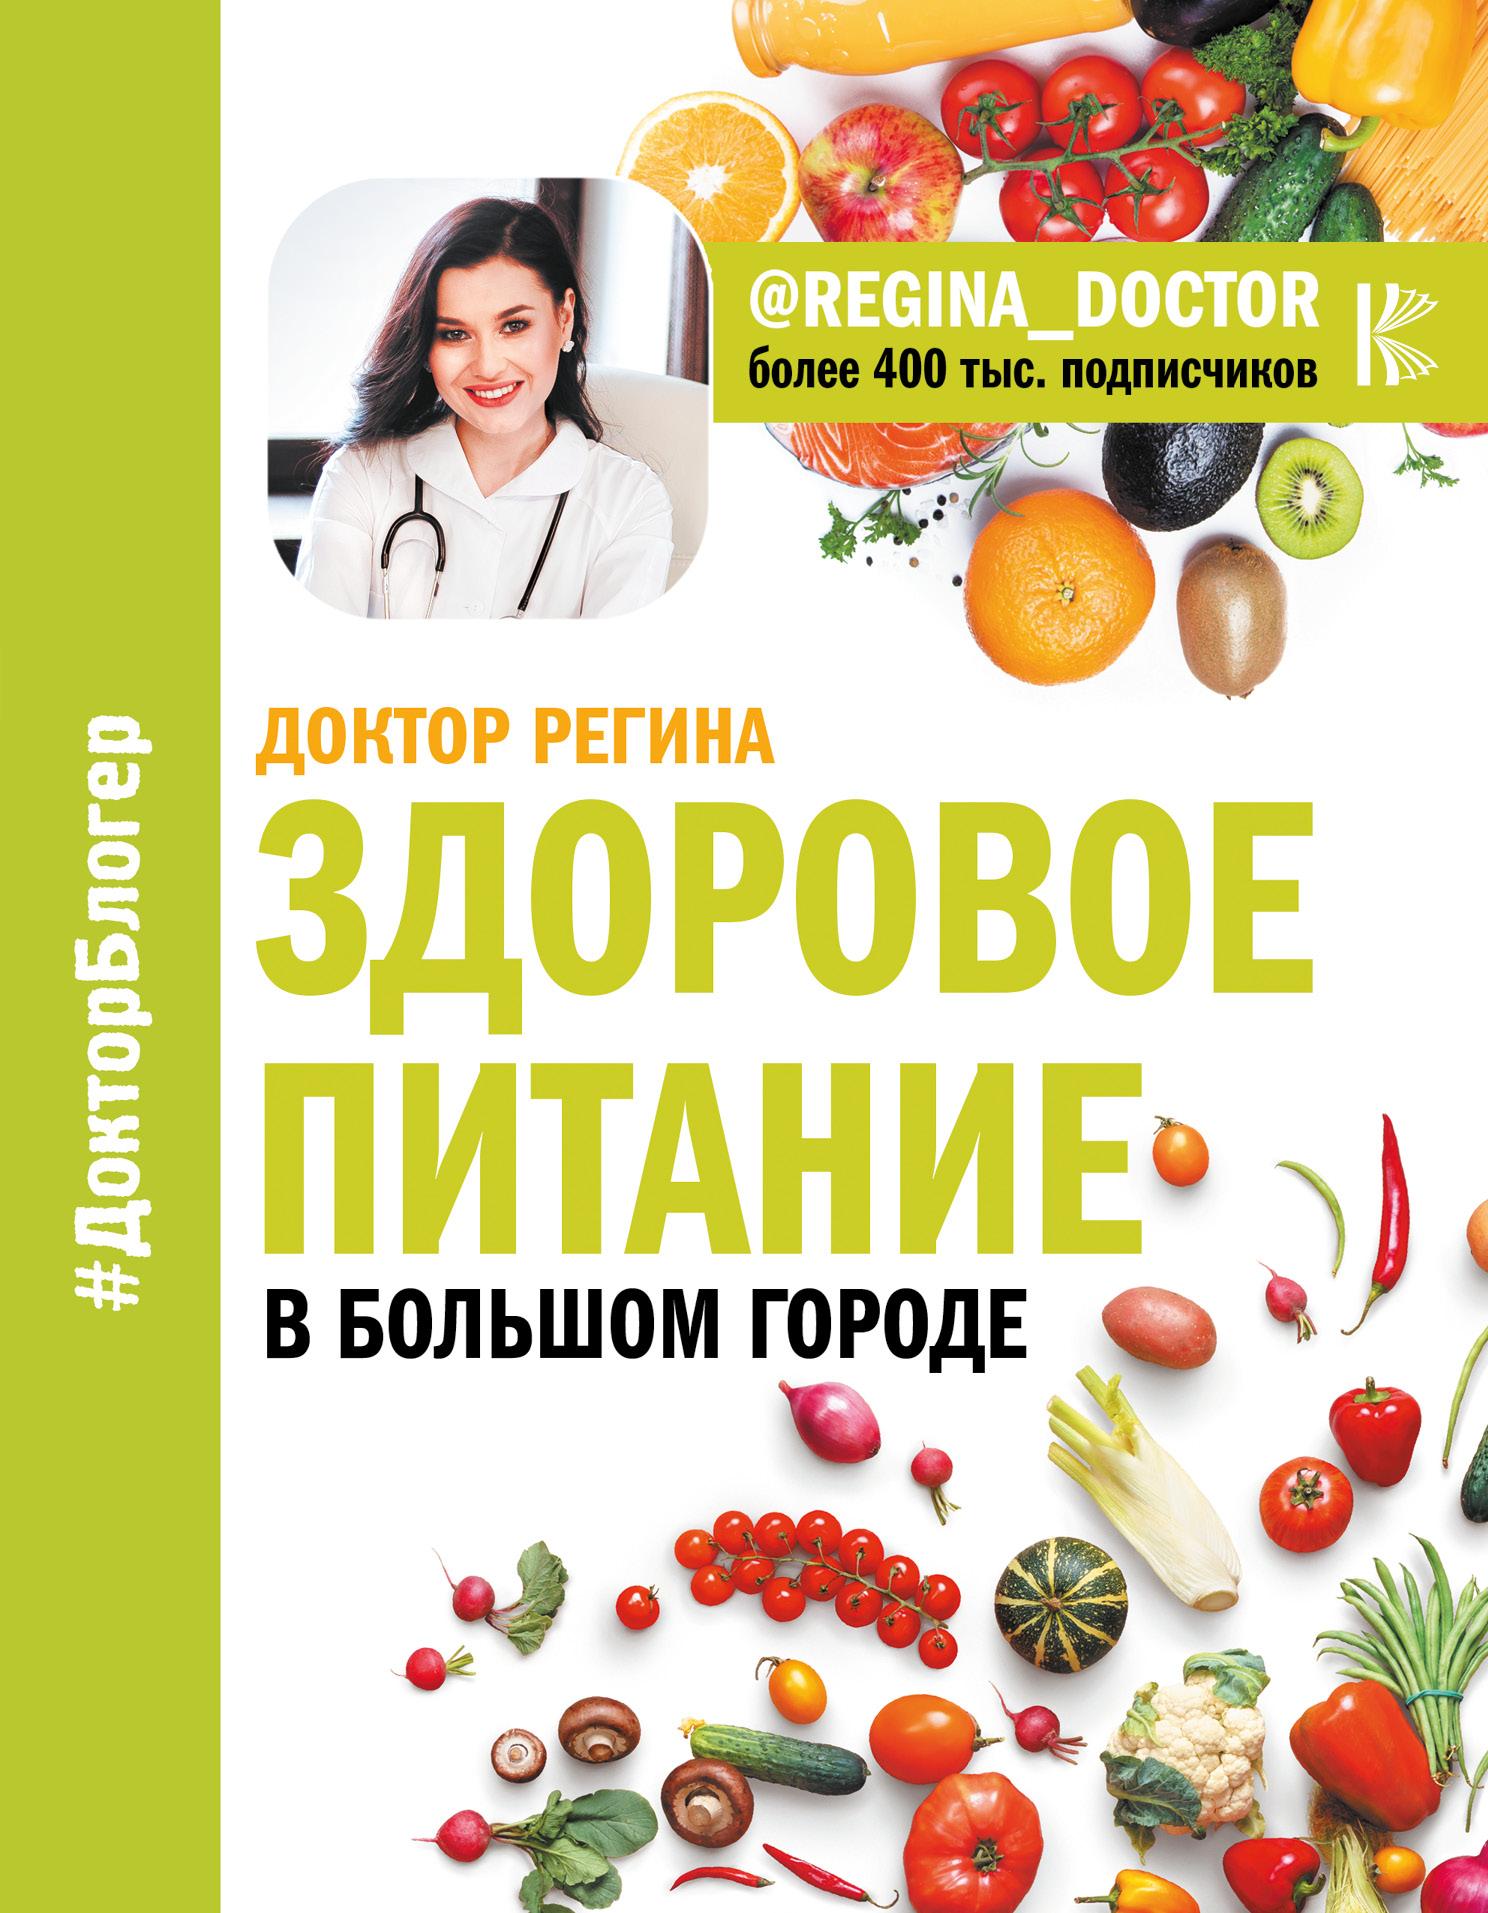 Доктор Регина Здоровое питание в большом городе здоровое питание здоровый образ жизни